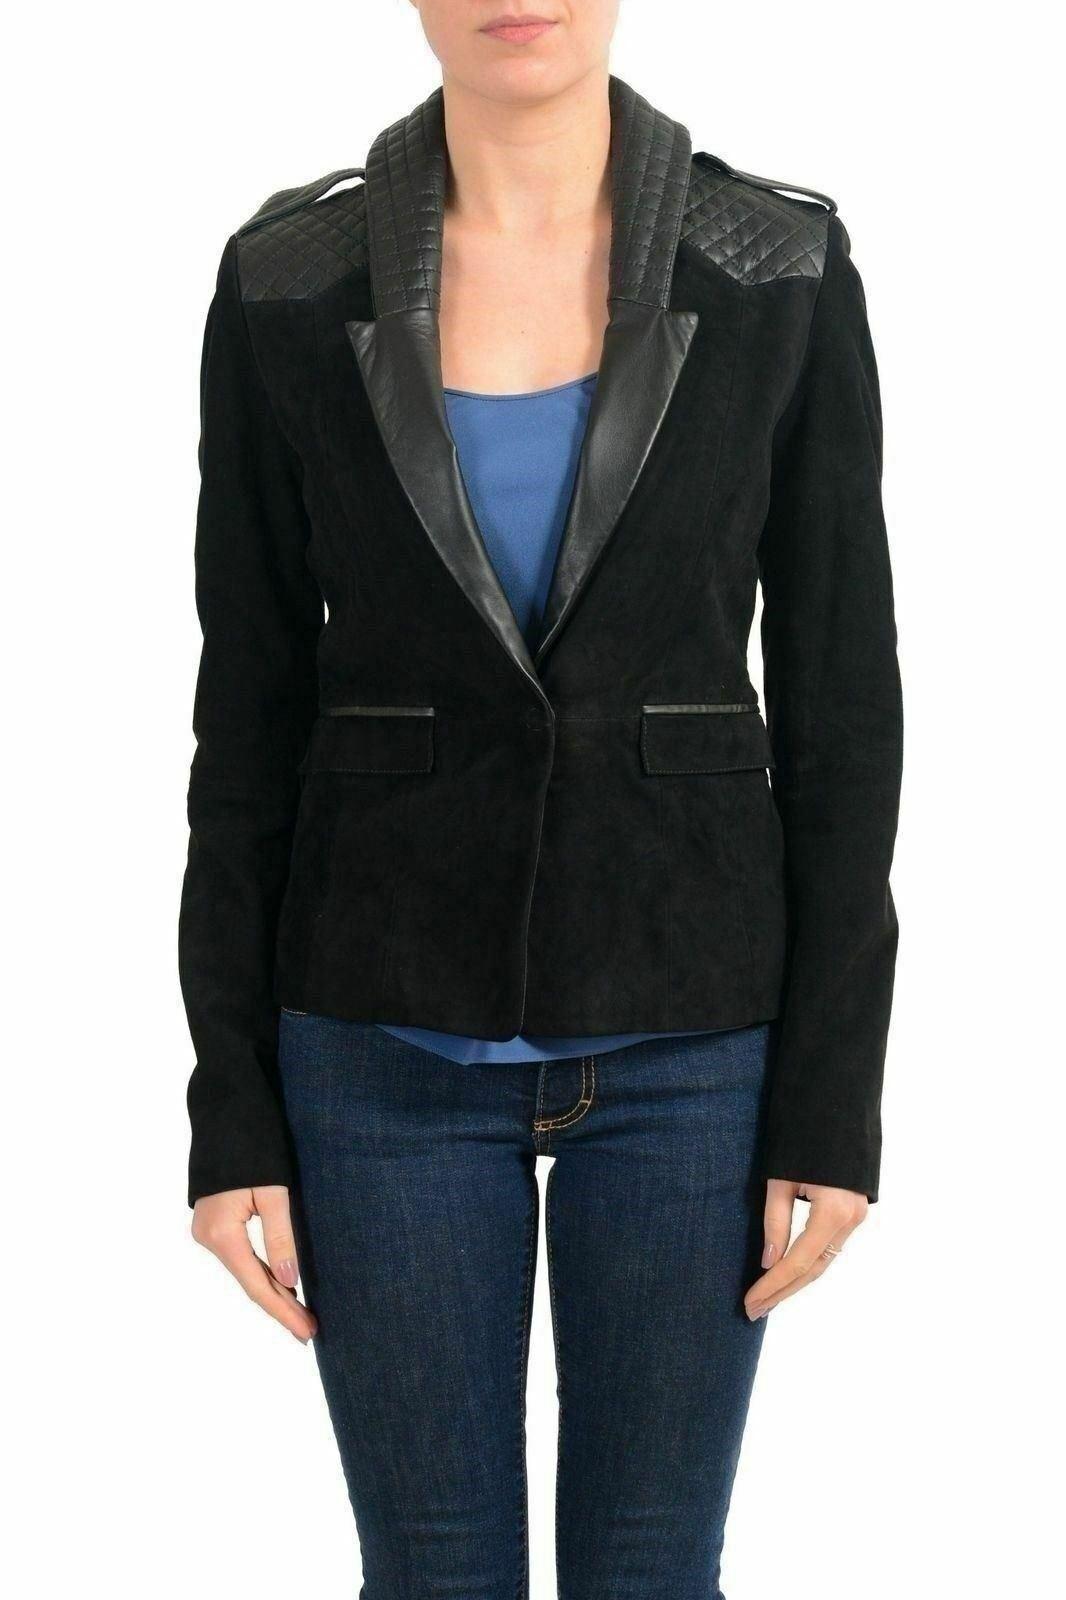 Sólo Cavalli 100% Cuero Negro Chaqueta Blazer para Mujer  nos es todo 40  Compra calidad 100% autentica